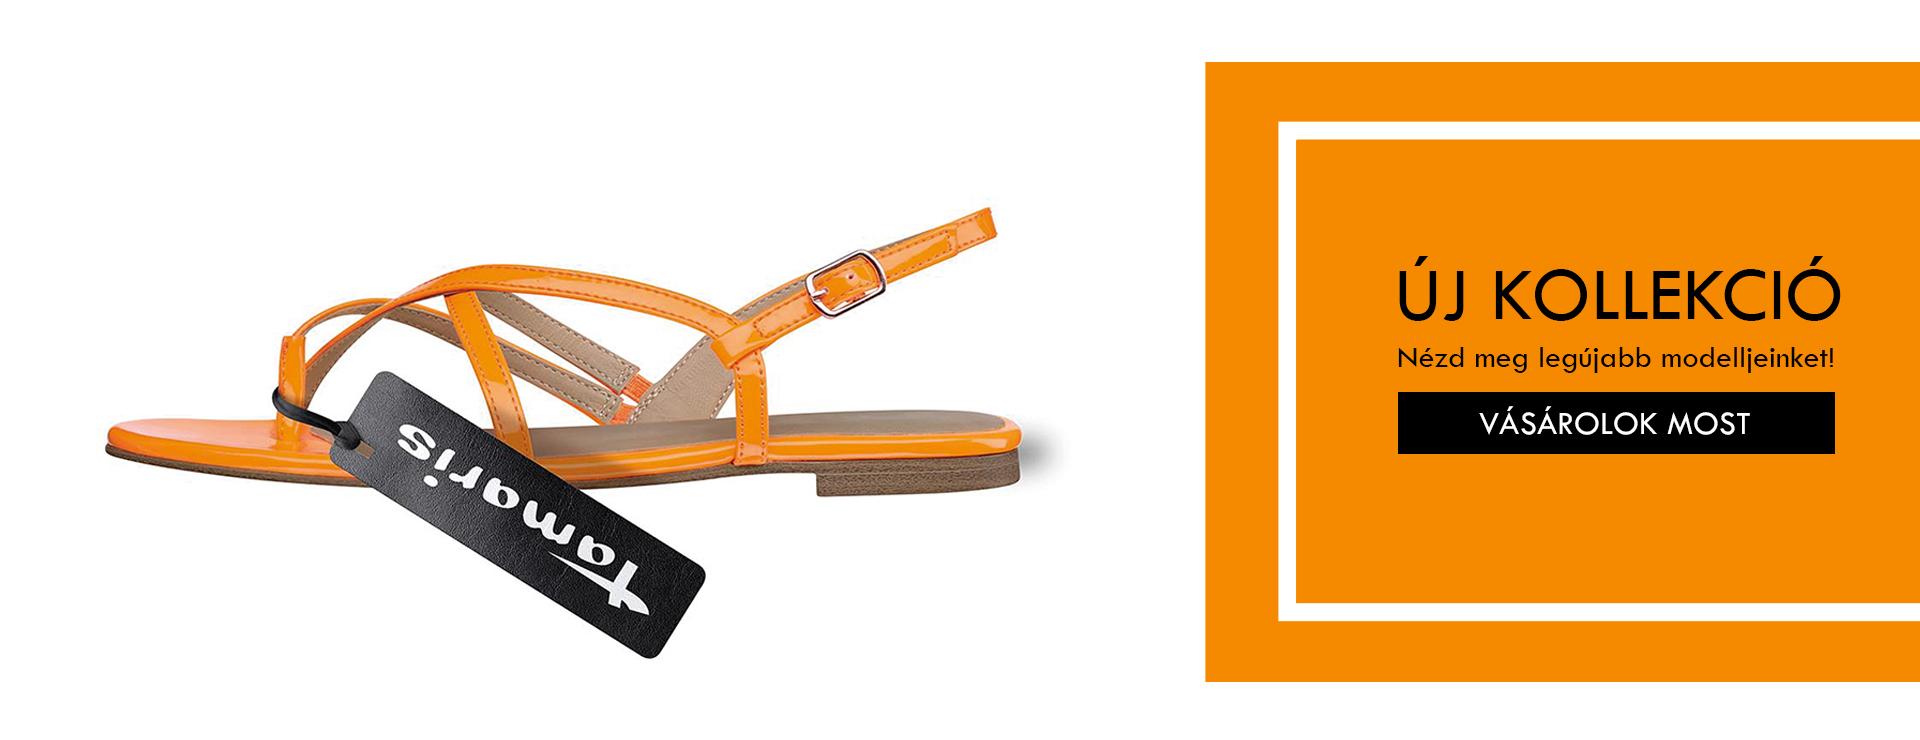 Tamaris termékek webshop & online vásárlás | ShopAlike.hu